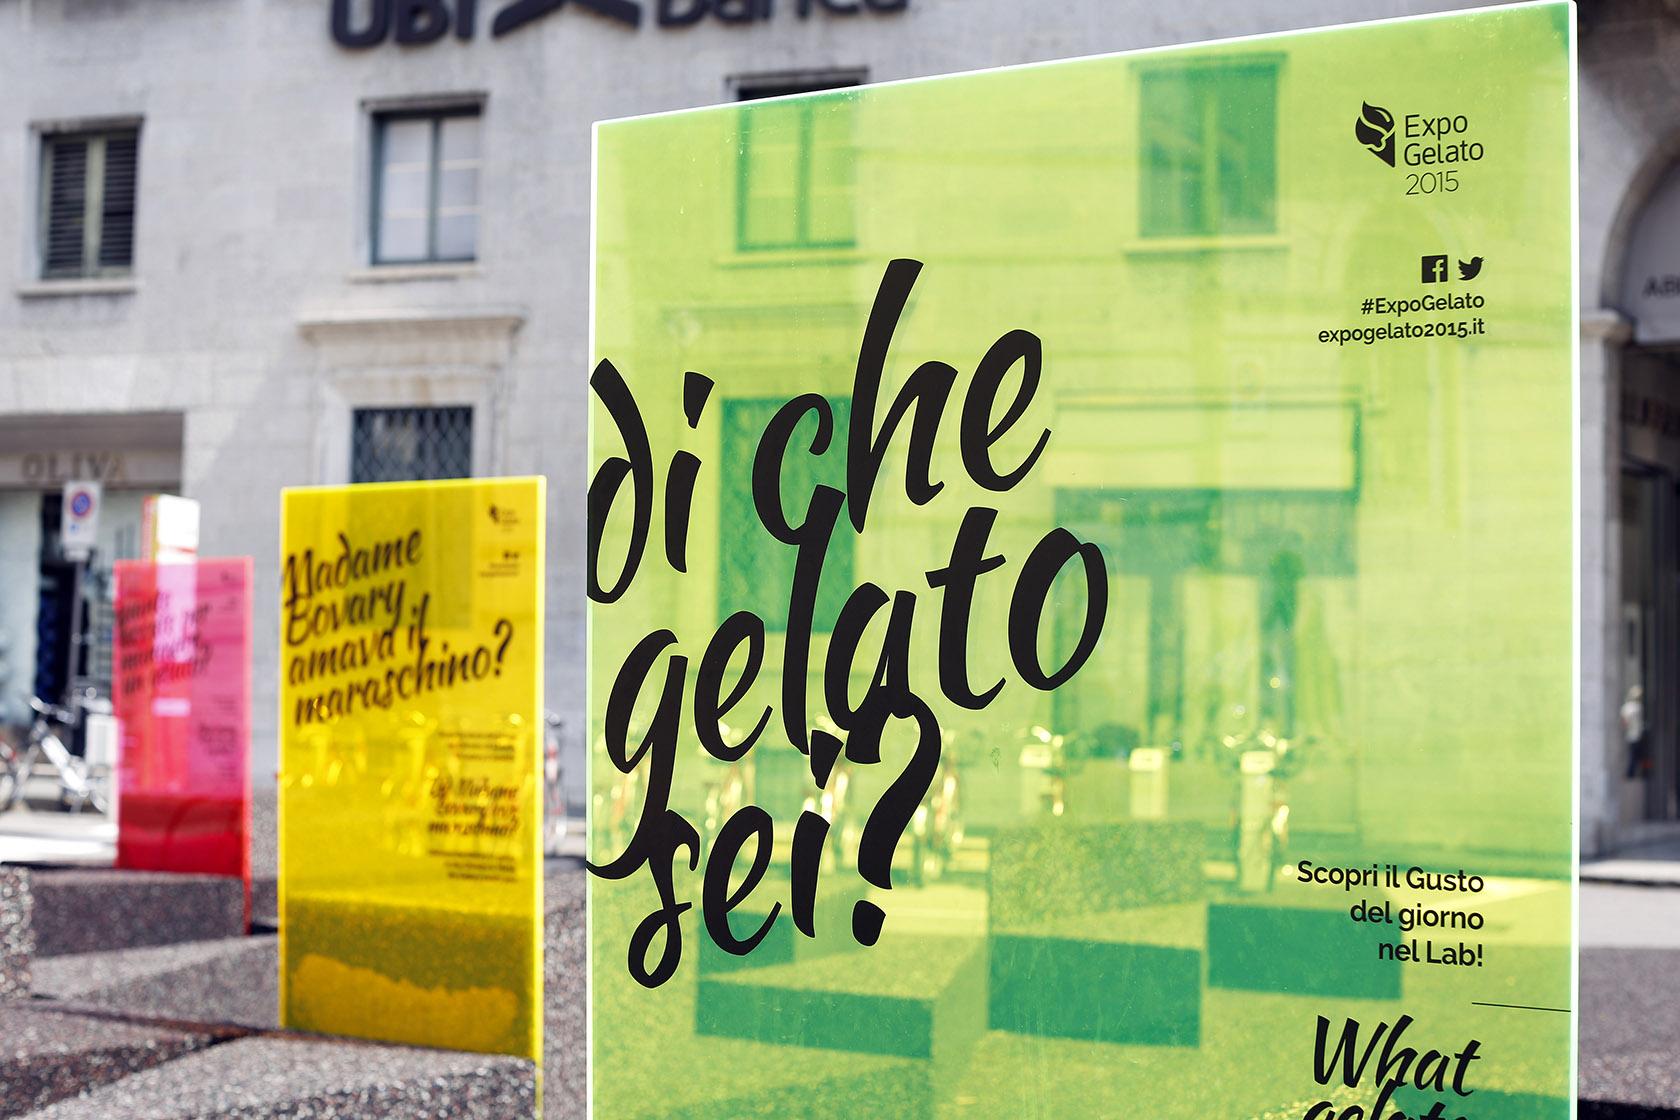 L'allestimento di ExpoGelato nel centro di Bergamo dello scorso anno